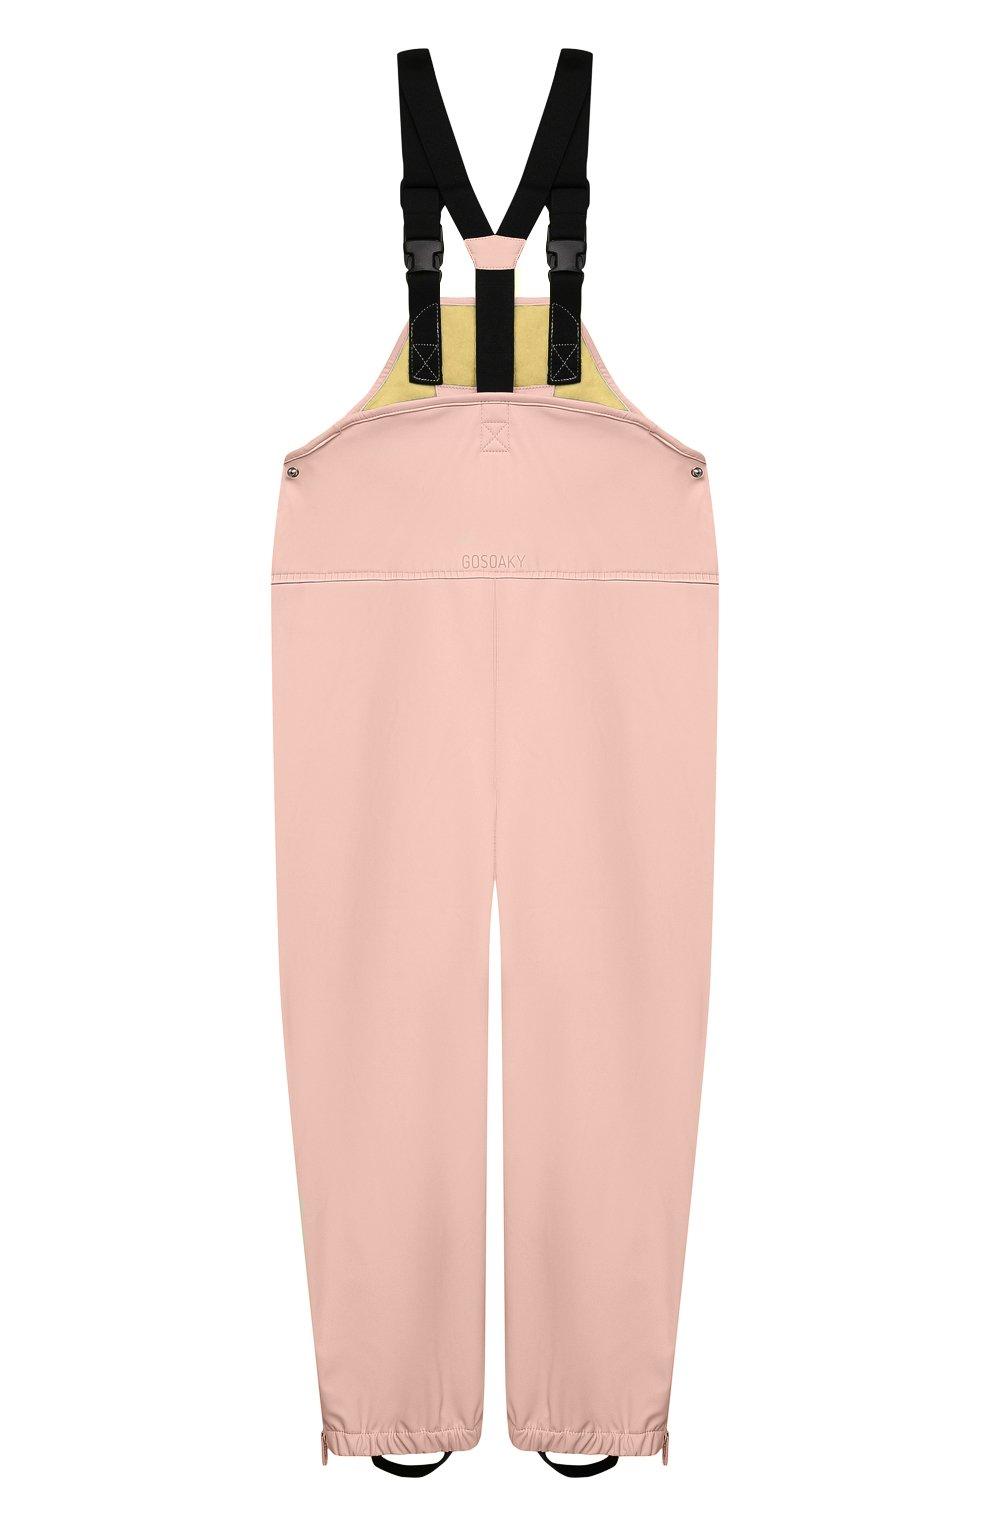 Детский комбинезон GOSOAKY светло-розового цвета, арт. 211.101.301/MICR0 PU | Фото 2 (Рукава: Короткие; Материал внешний: Синтетический материал; Девочки Кросс-КТ: Комбинезон-верхняя одежда; Материал подклада: Синтетический материал; Ростовка одежда: 5 лет | 110 см, 3 года | 98 см)